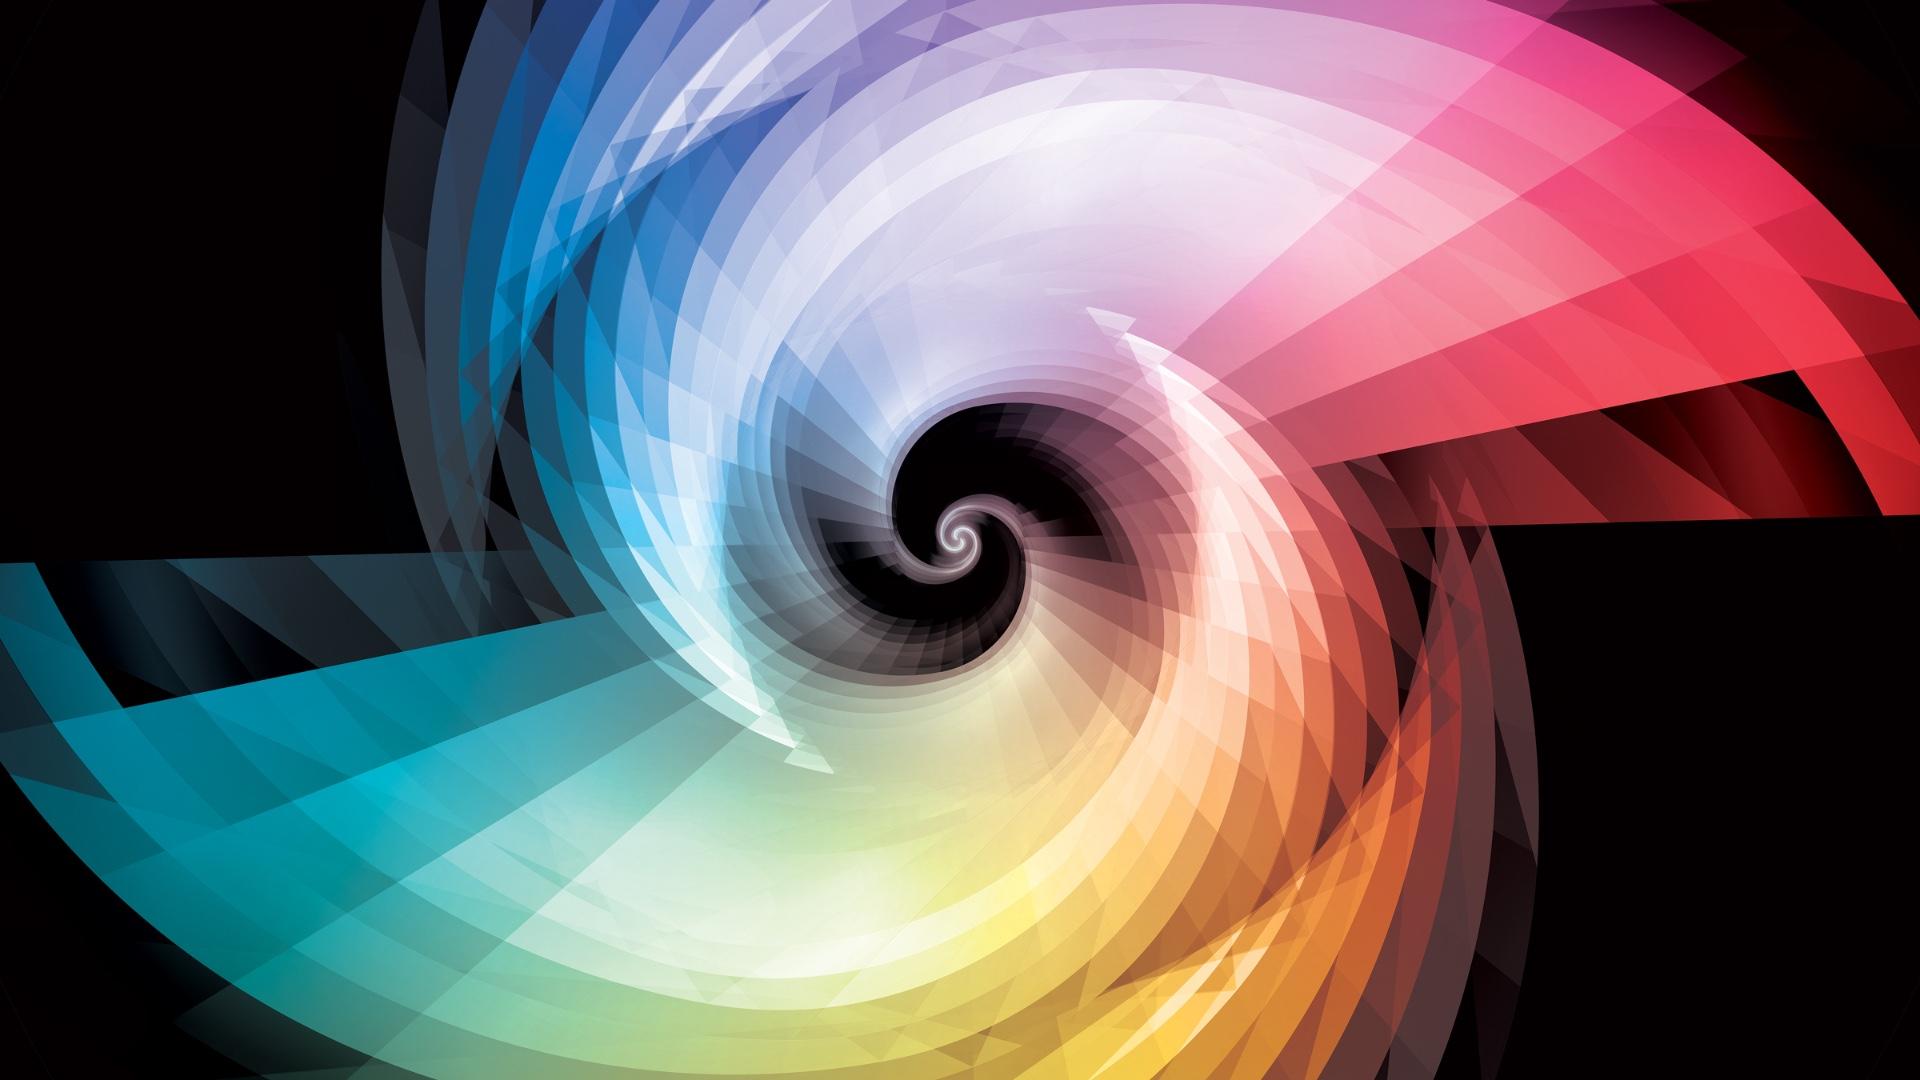 ff_magic_leap-beam_spiral2.jpg